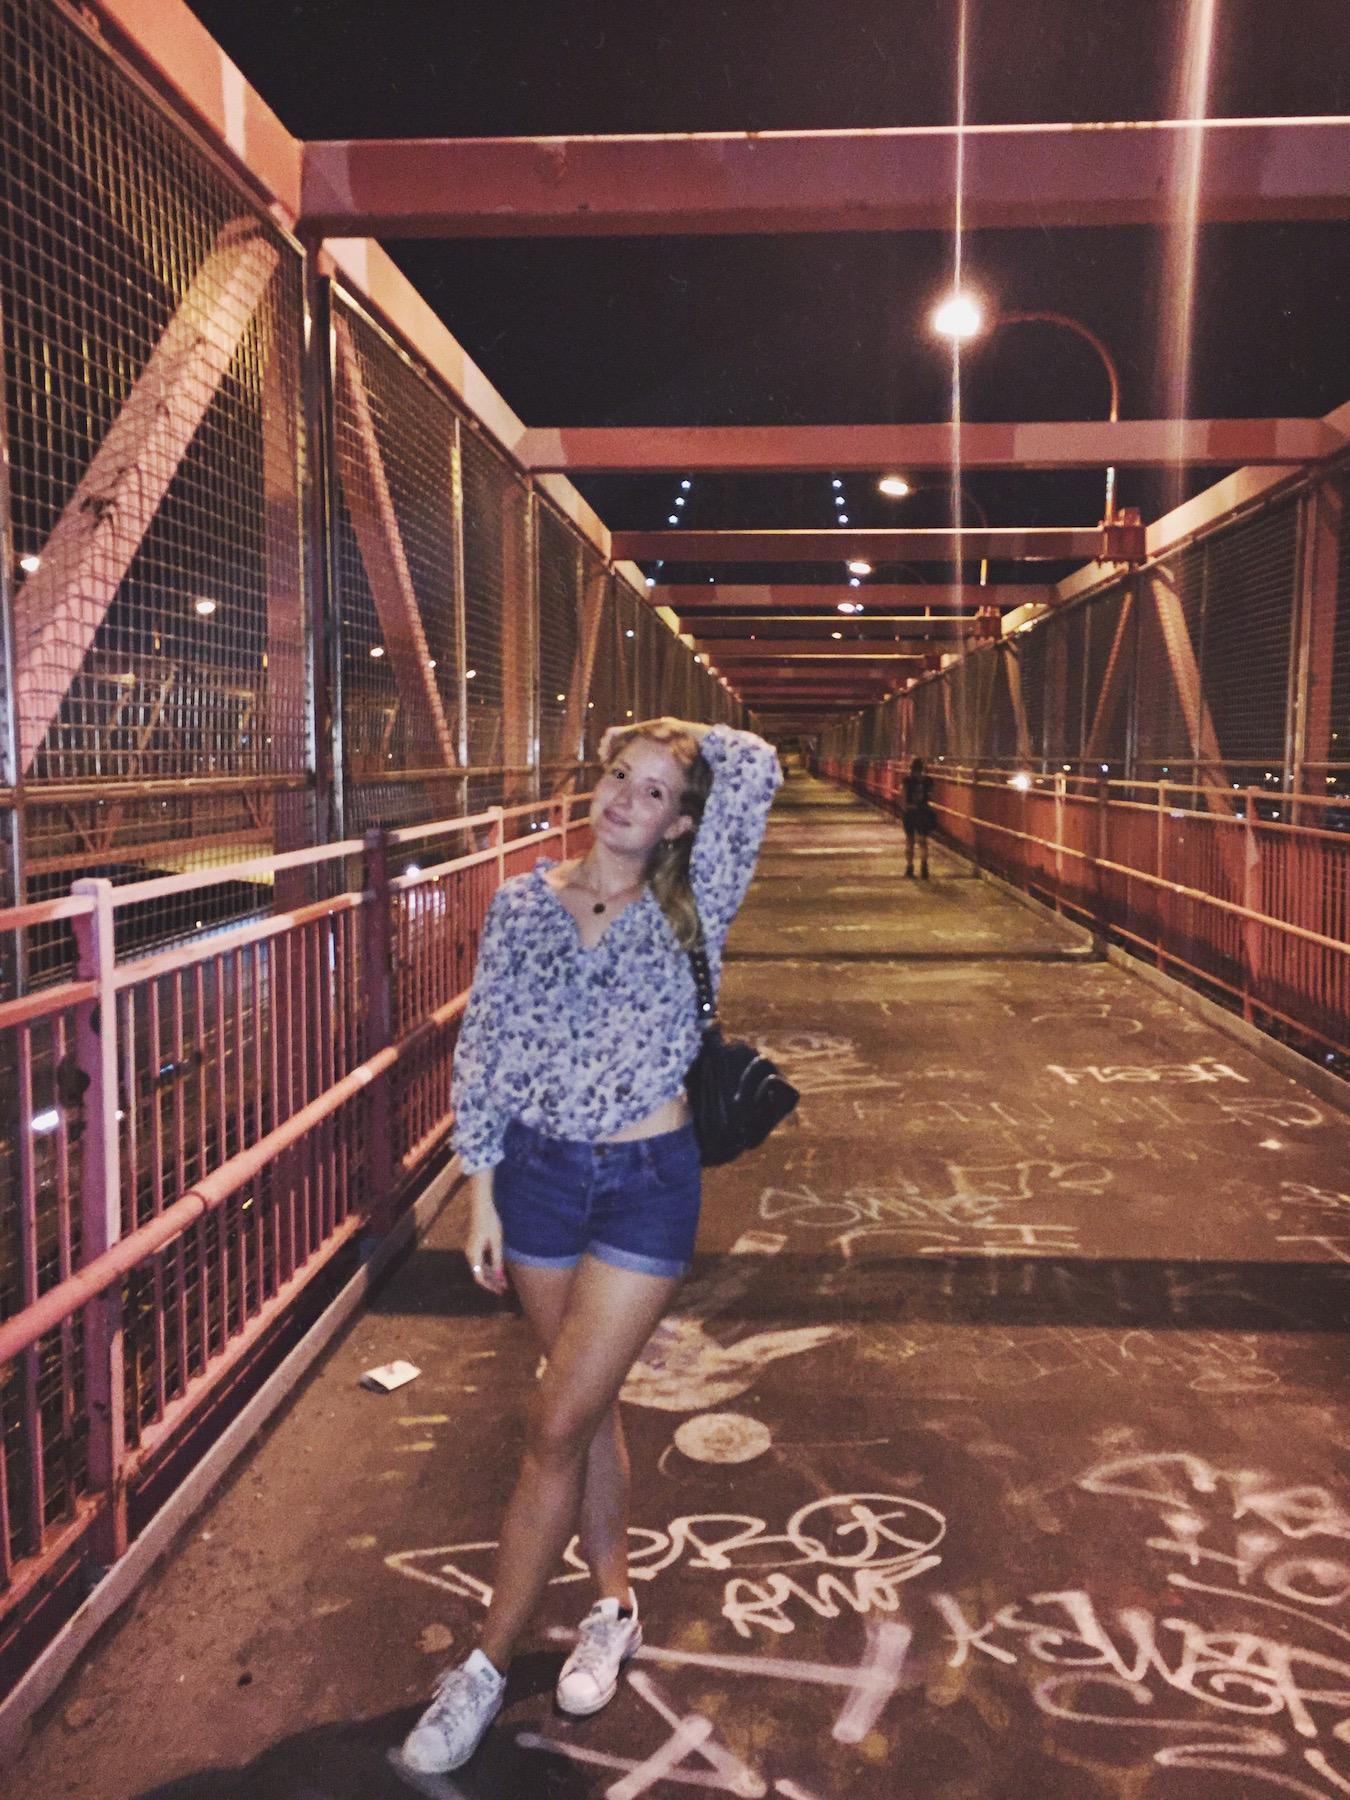 Williamsburg Bridge Silverstories